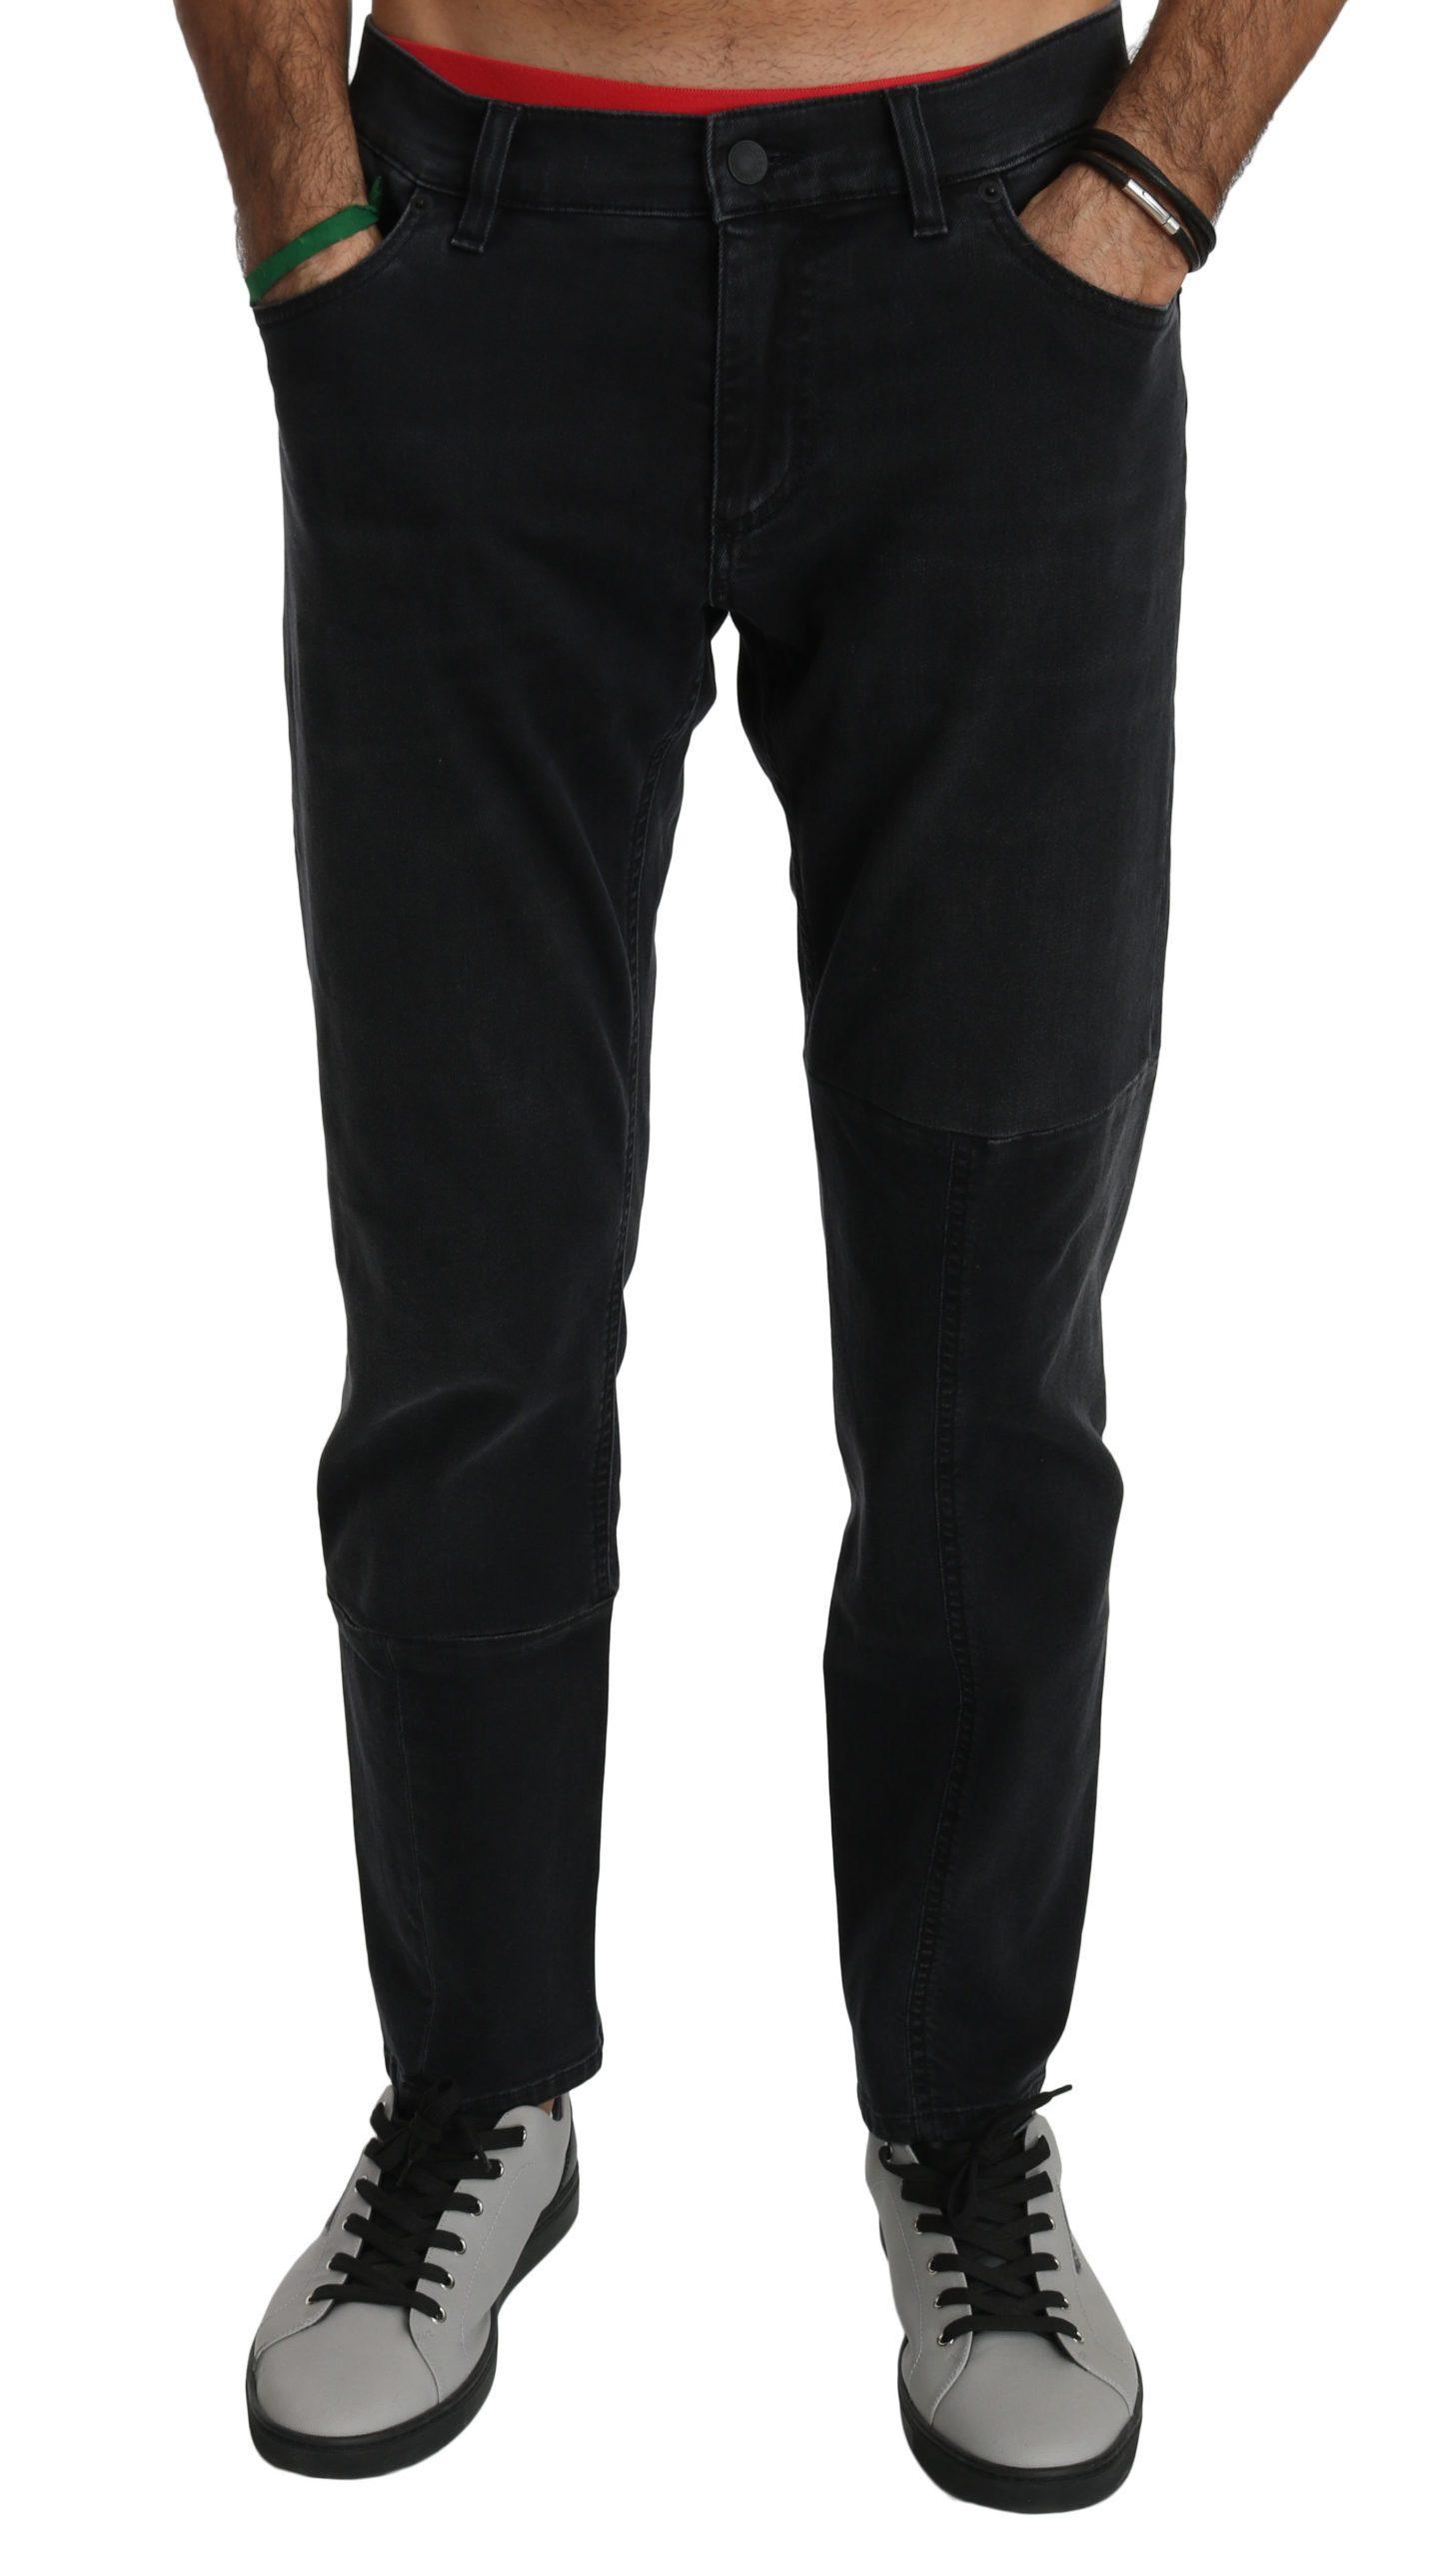 Dolce & Gabbana Men's Cotton Stretch Denim Jeans Black PAN70767 - IT50   L